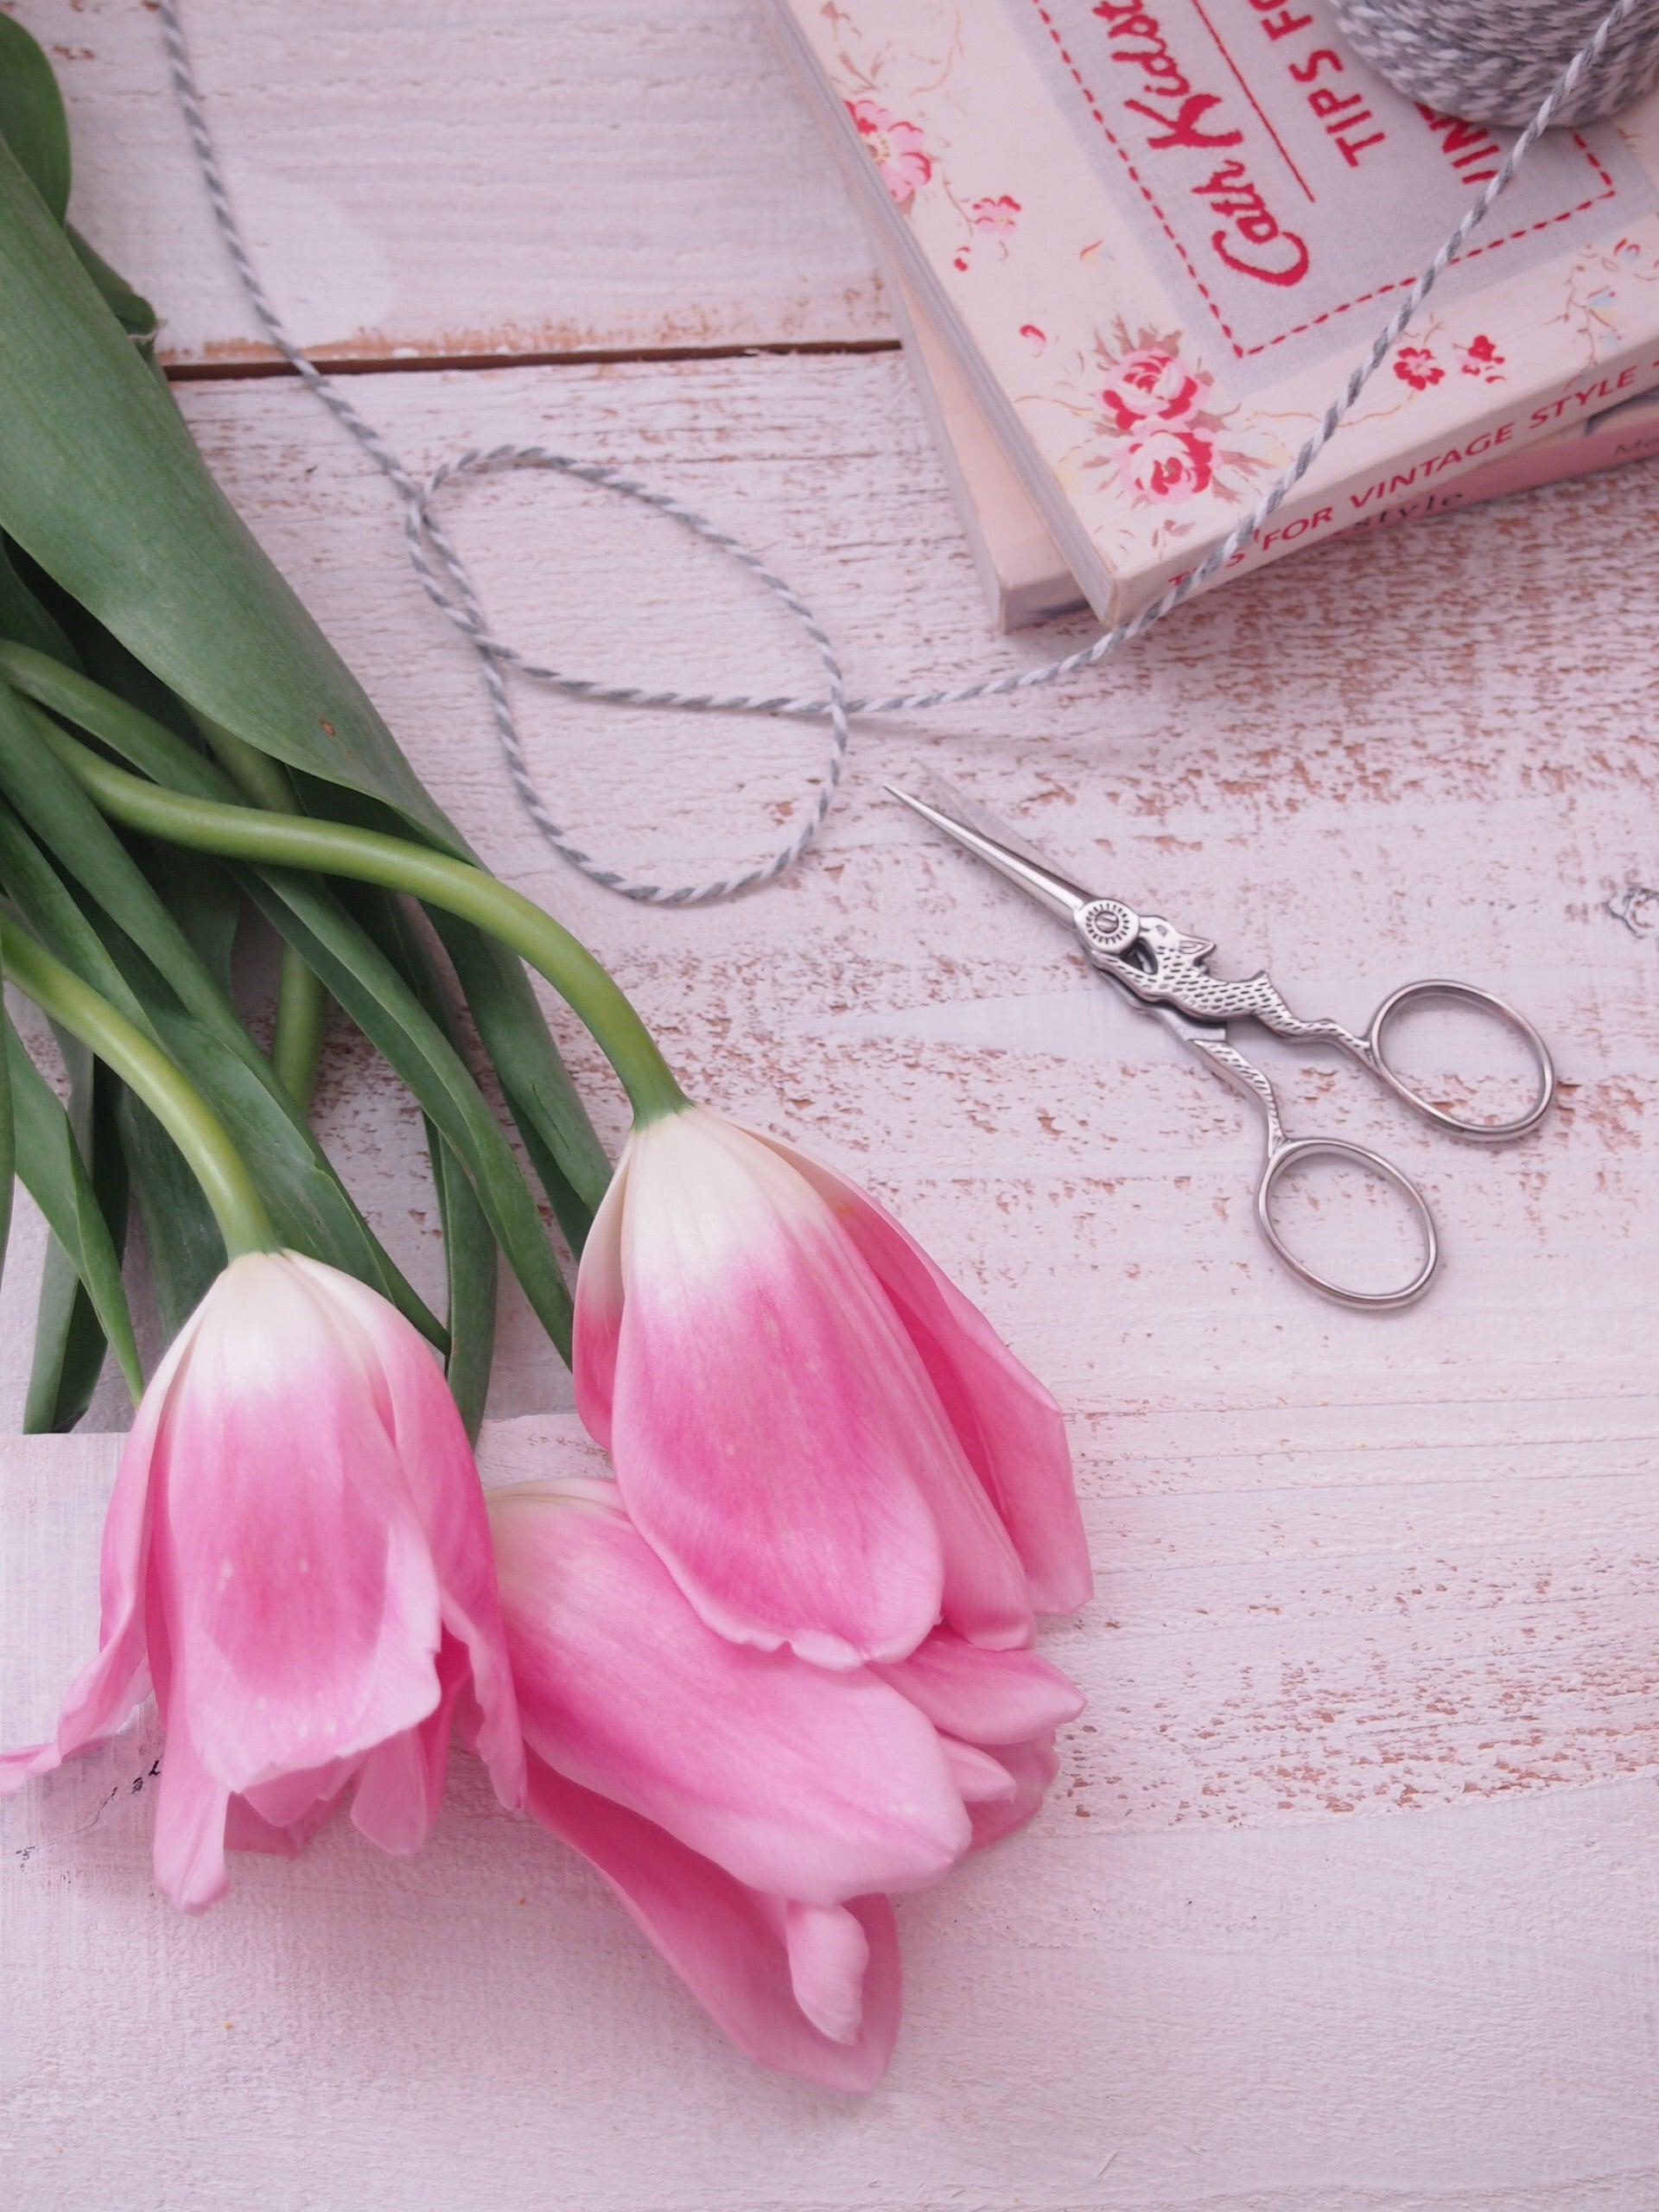 今日は節分、明日は立春!